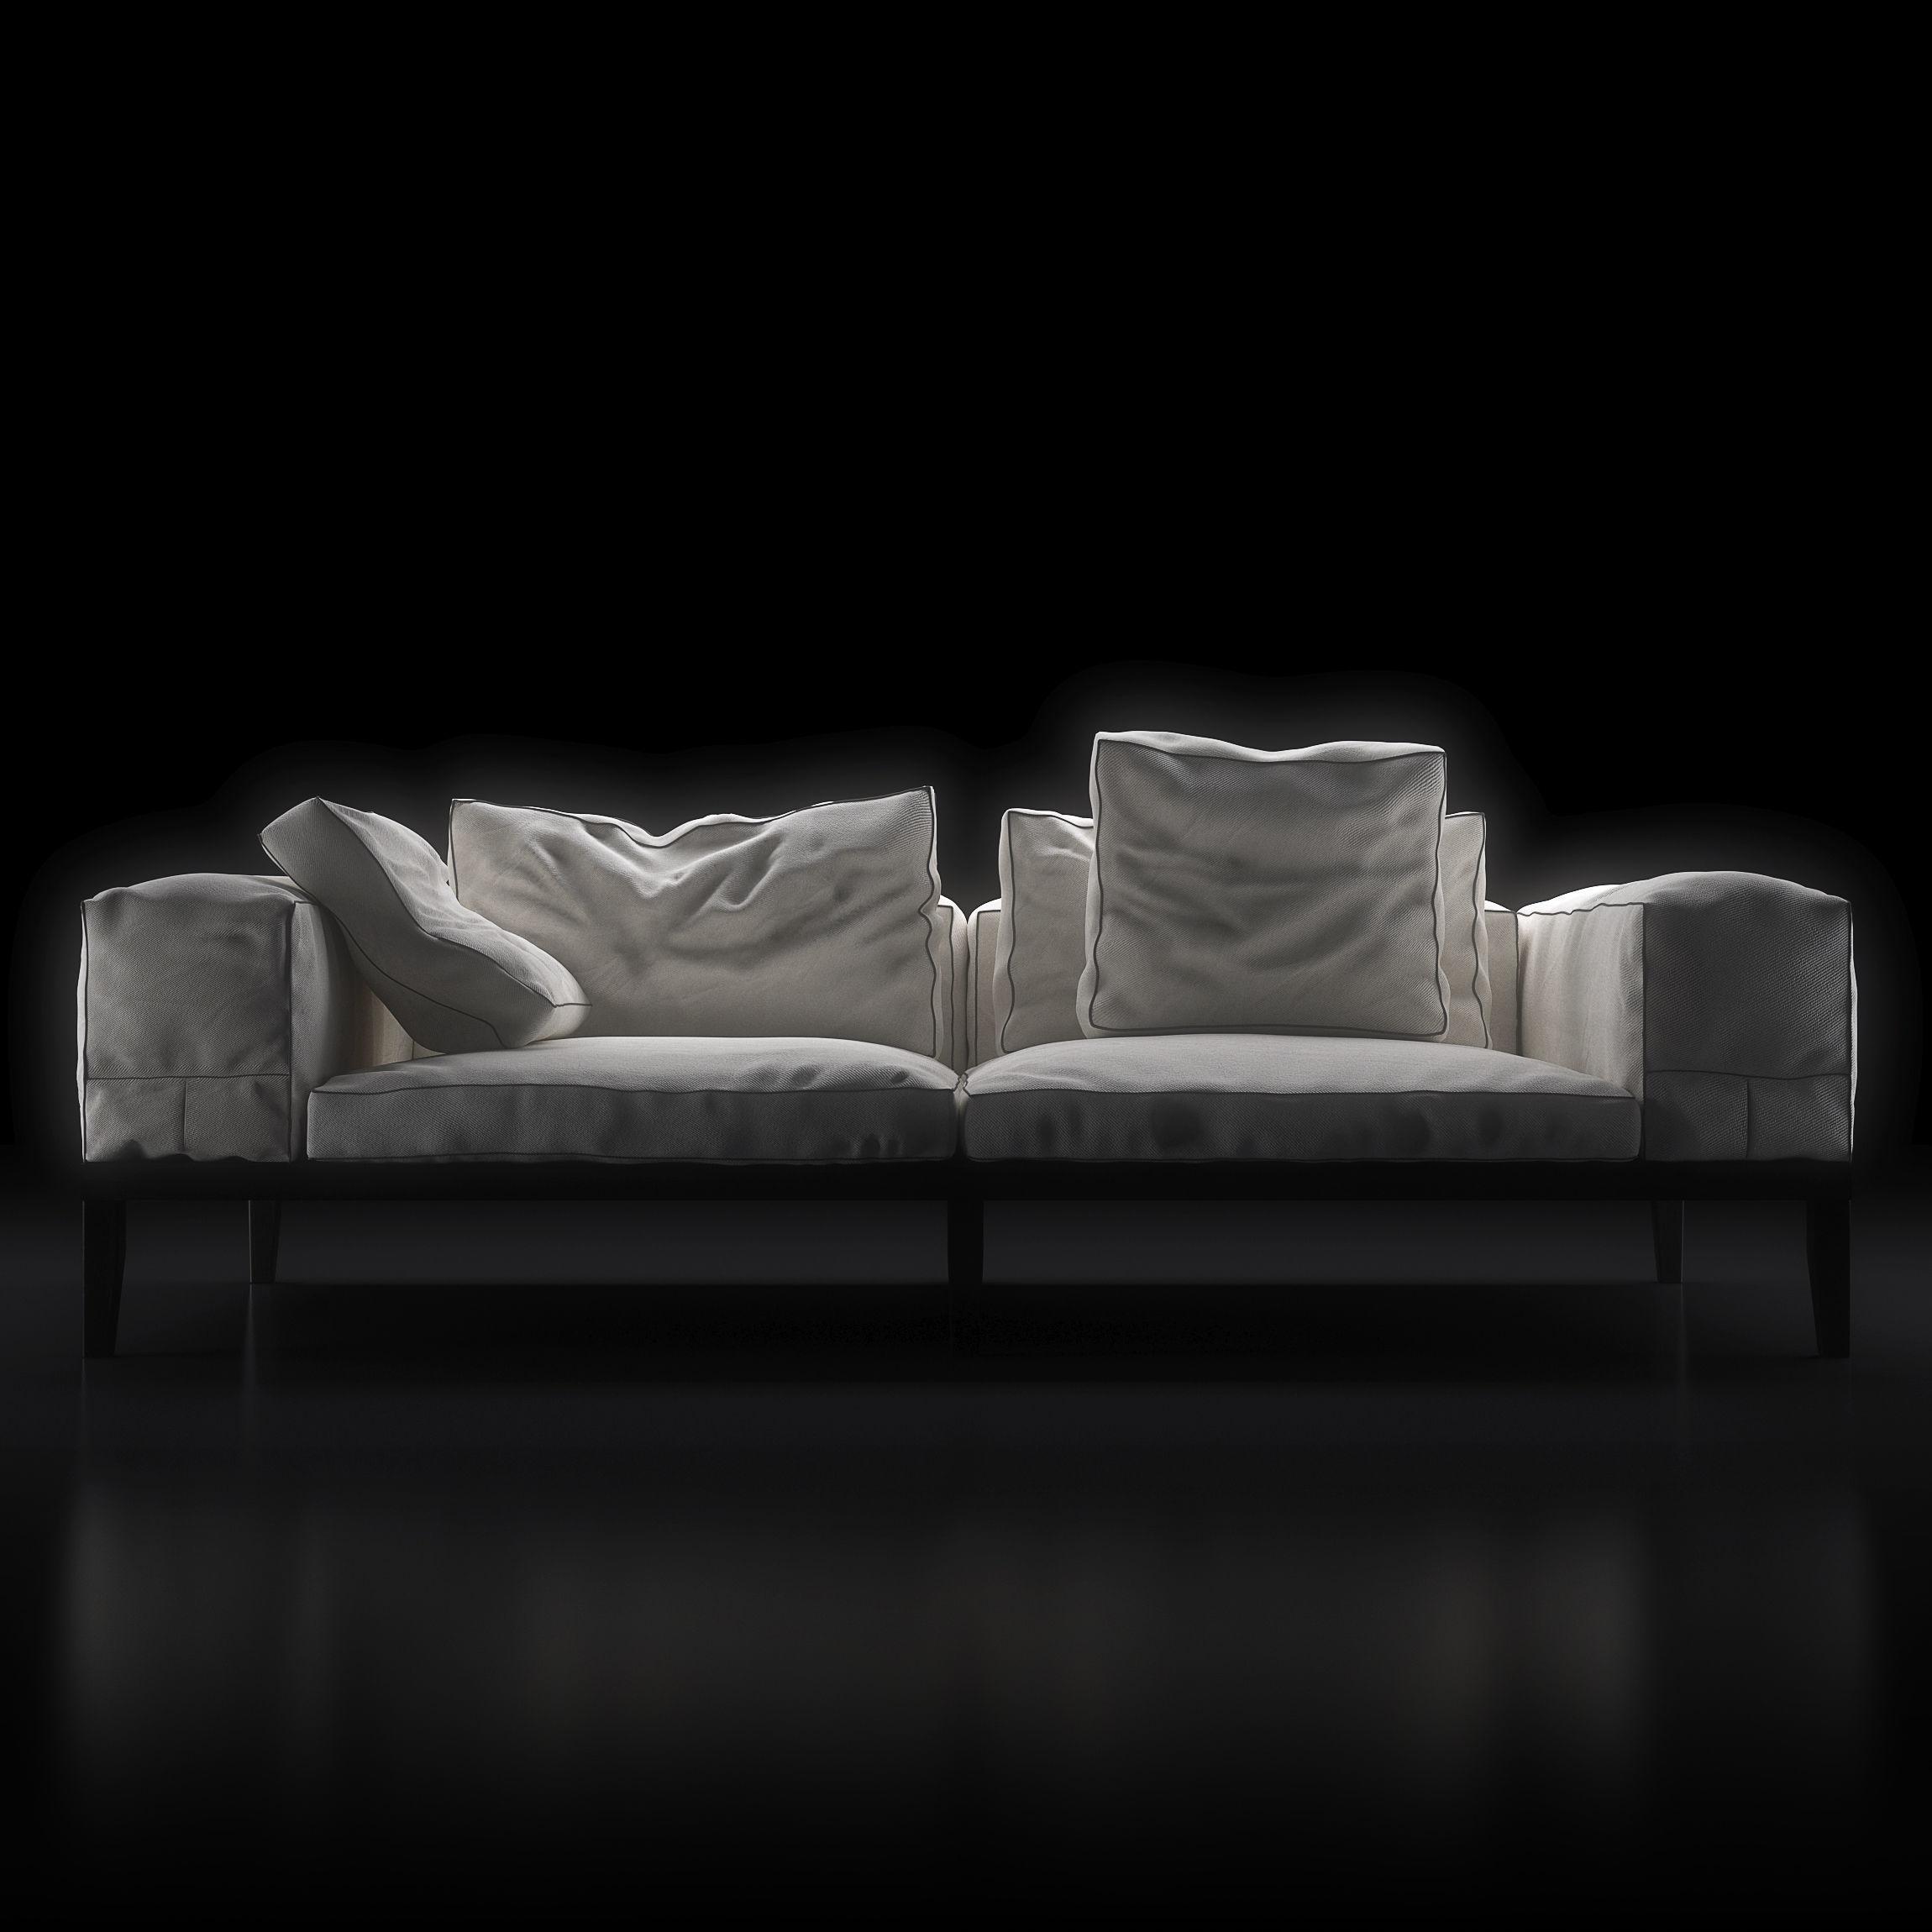 Lifewood Sofa